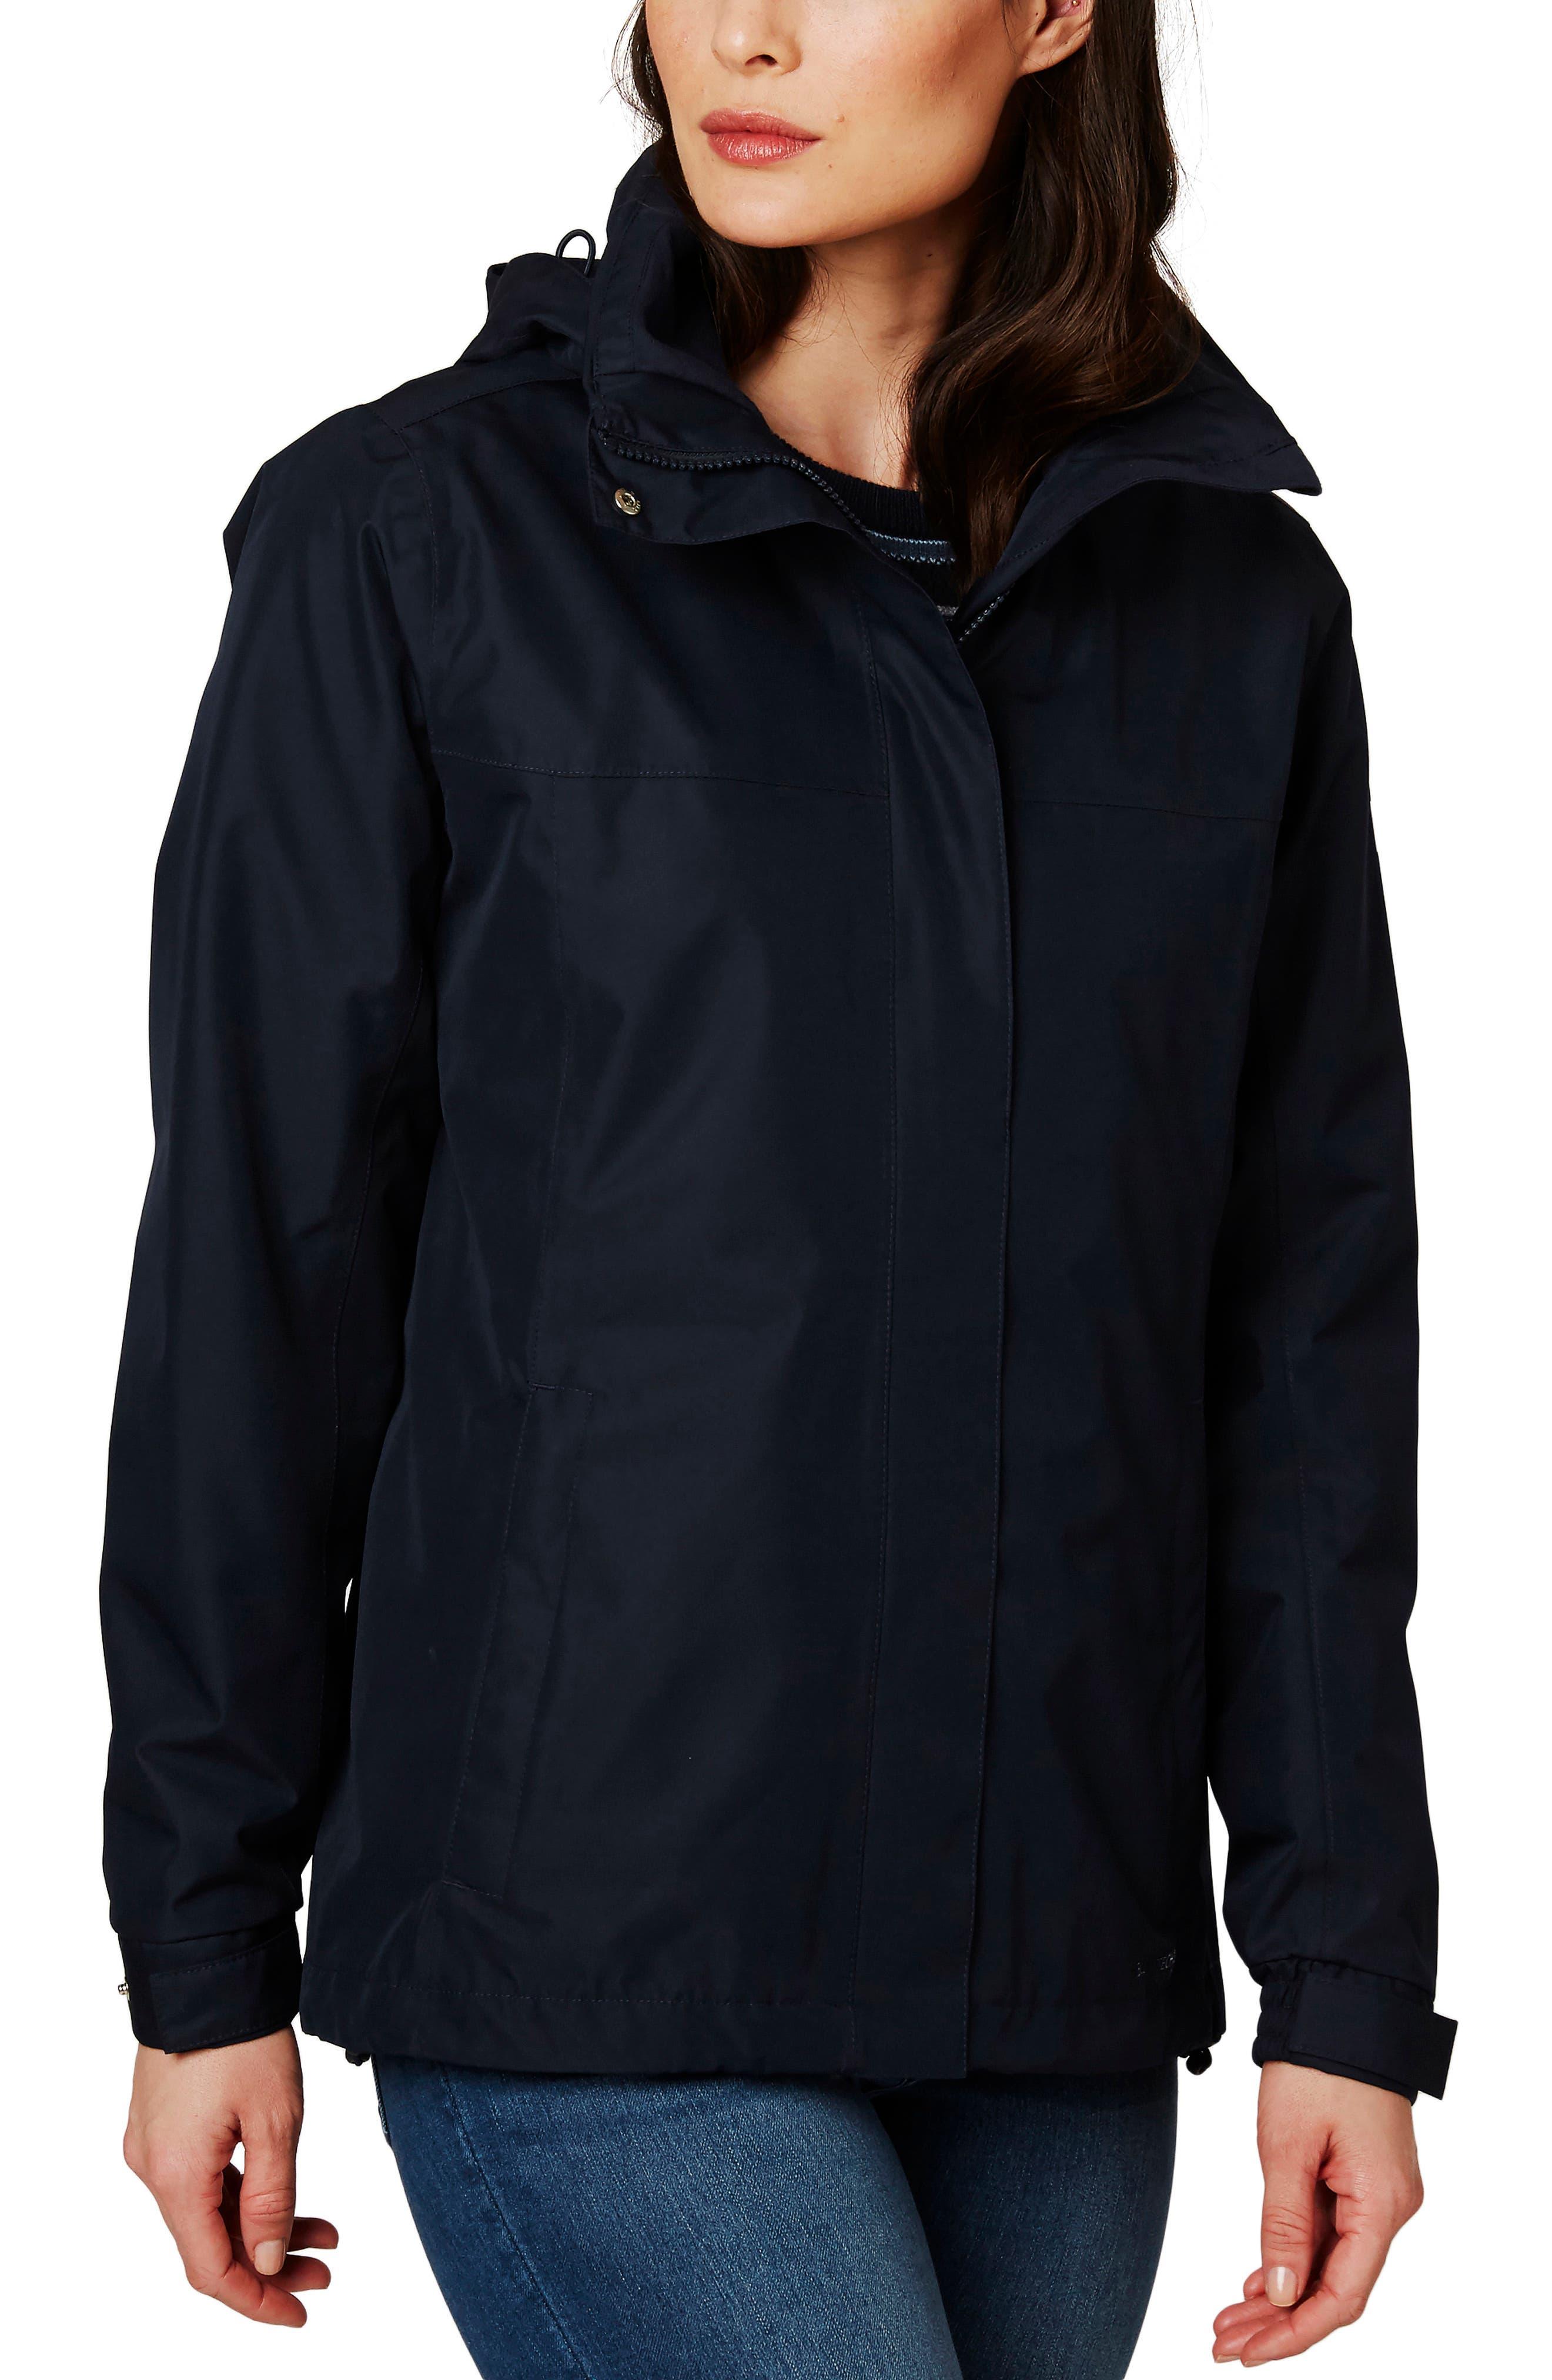 W Aden Waterproof & Windproof Hooded Jacket